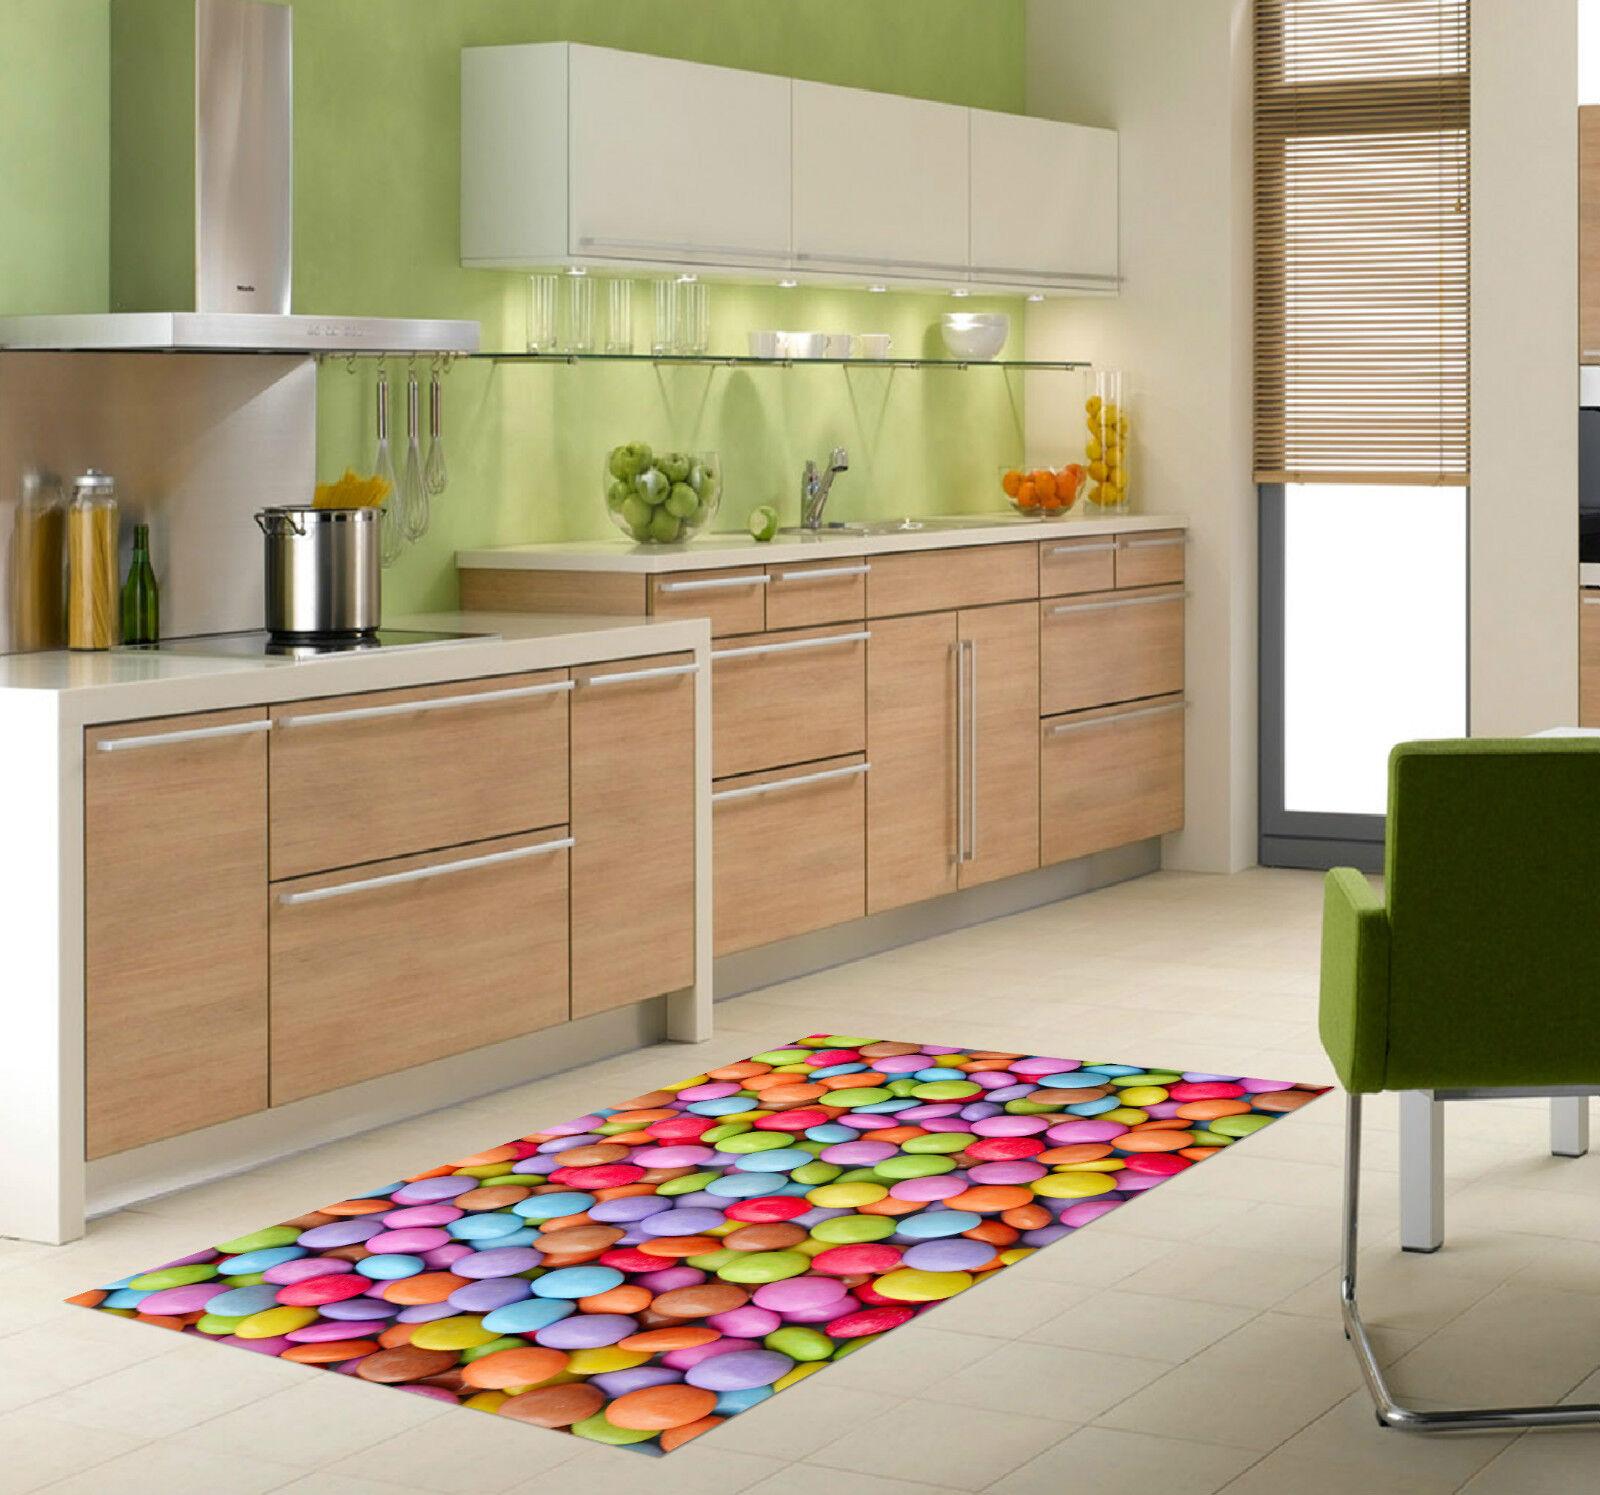 3D Pretty Candy 8 Kitchen Mat Floor Murals Wall Print Wall Deco AJ WALLPAPER CA